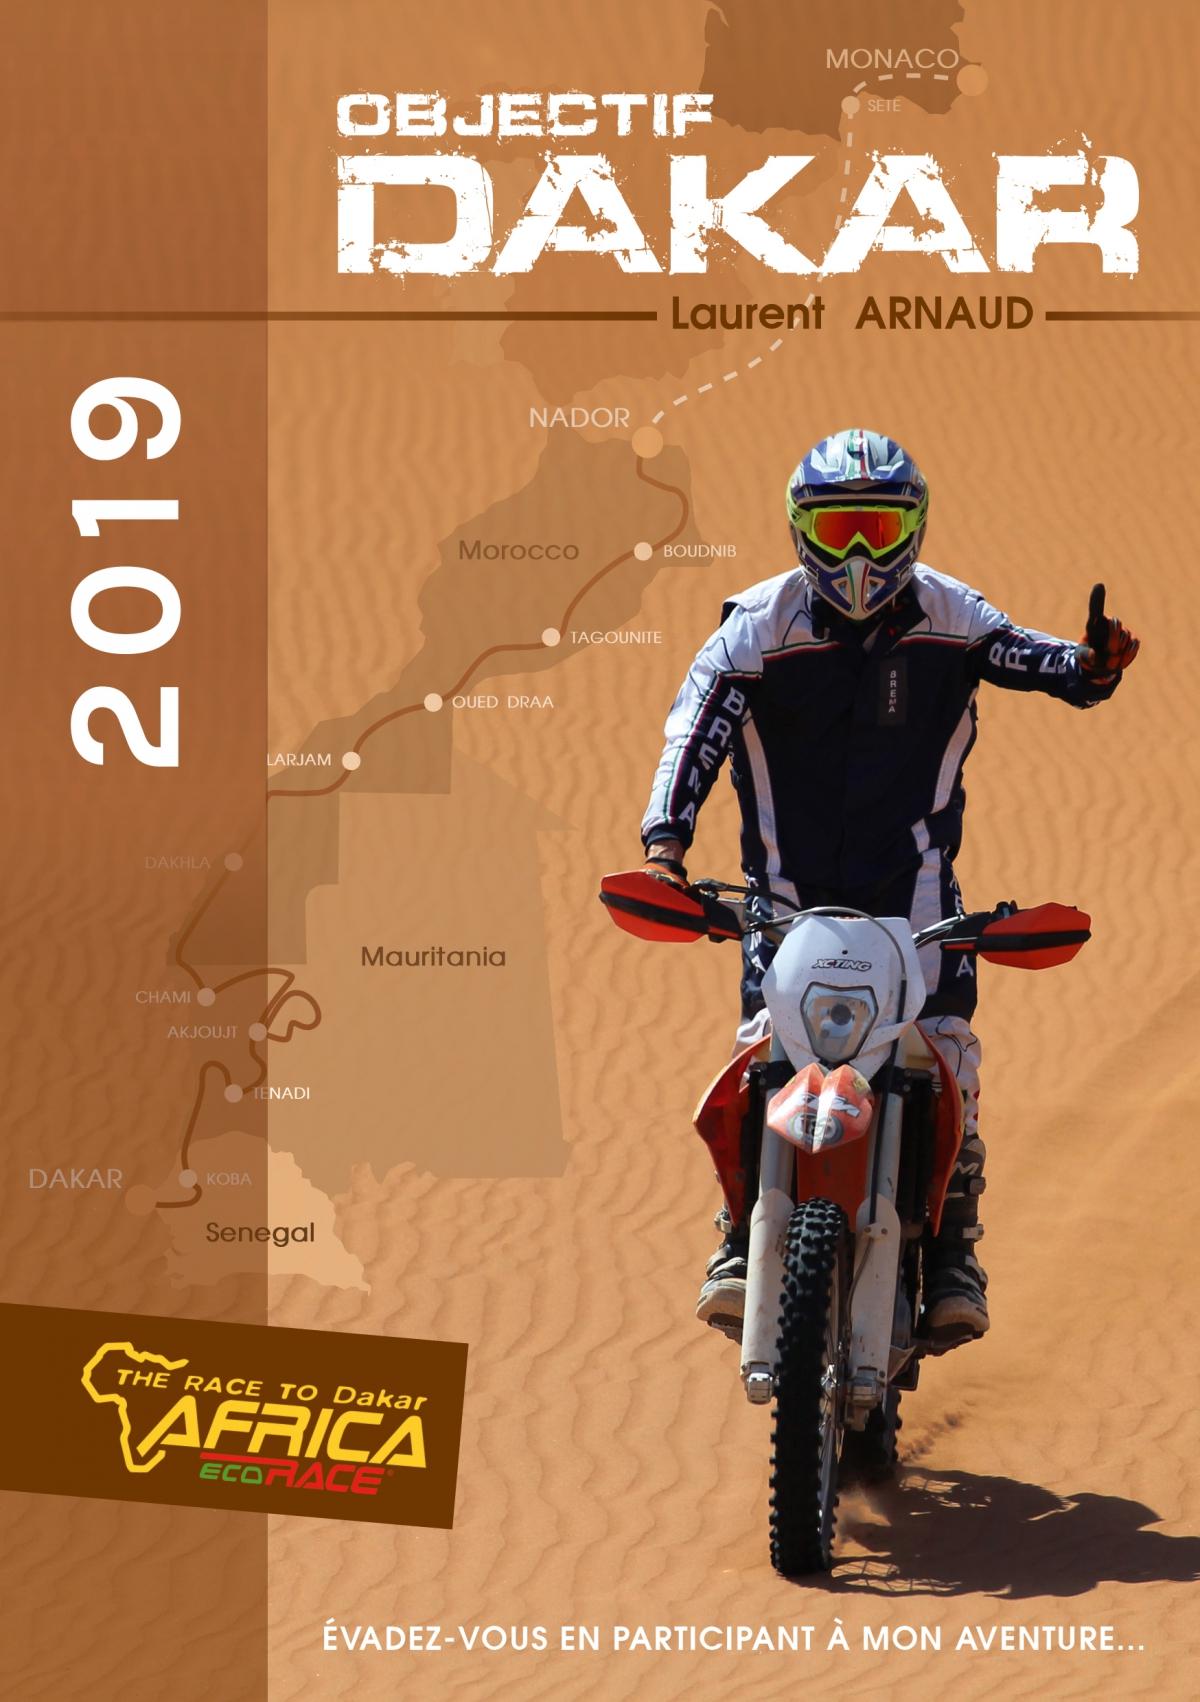 Affiche sponsoring Laurent Arnaud AER 2019 (©alma-france.com 2017)